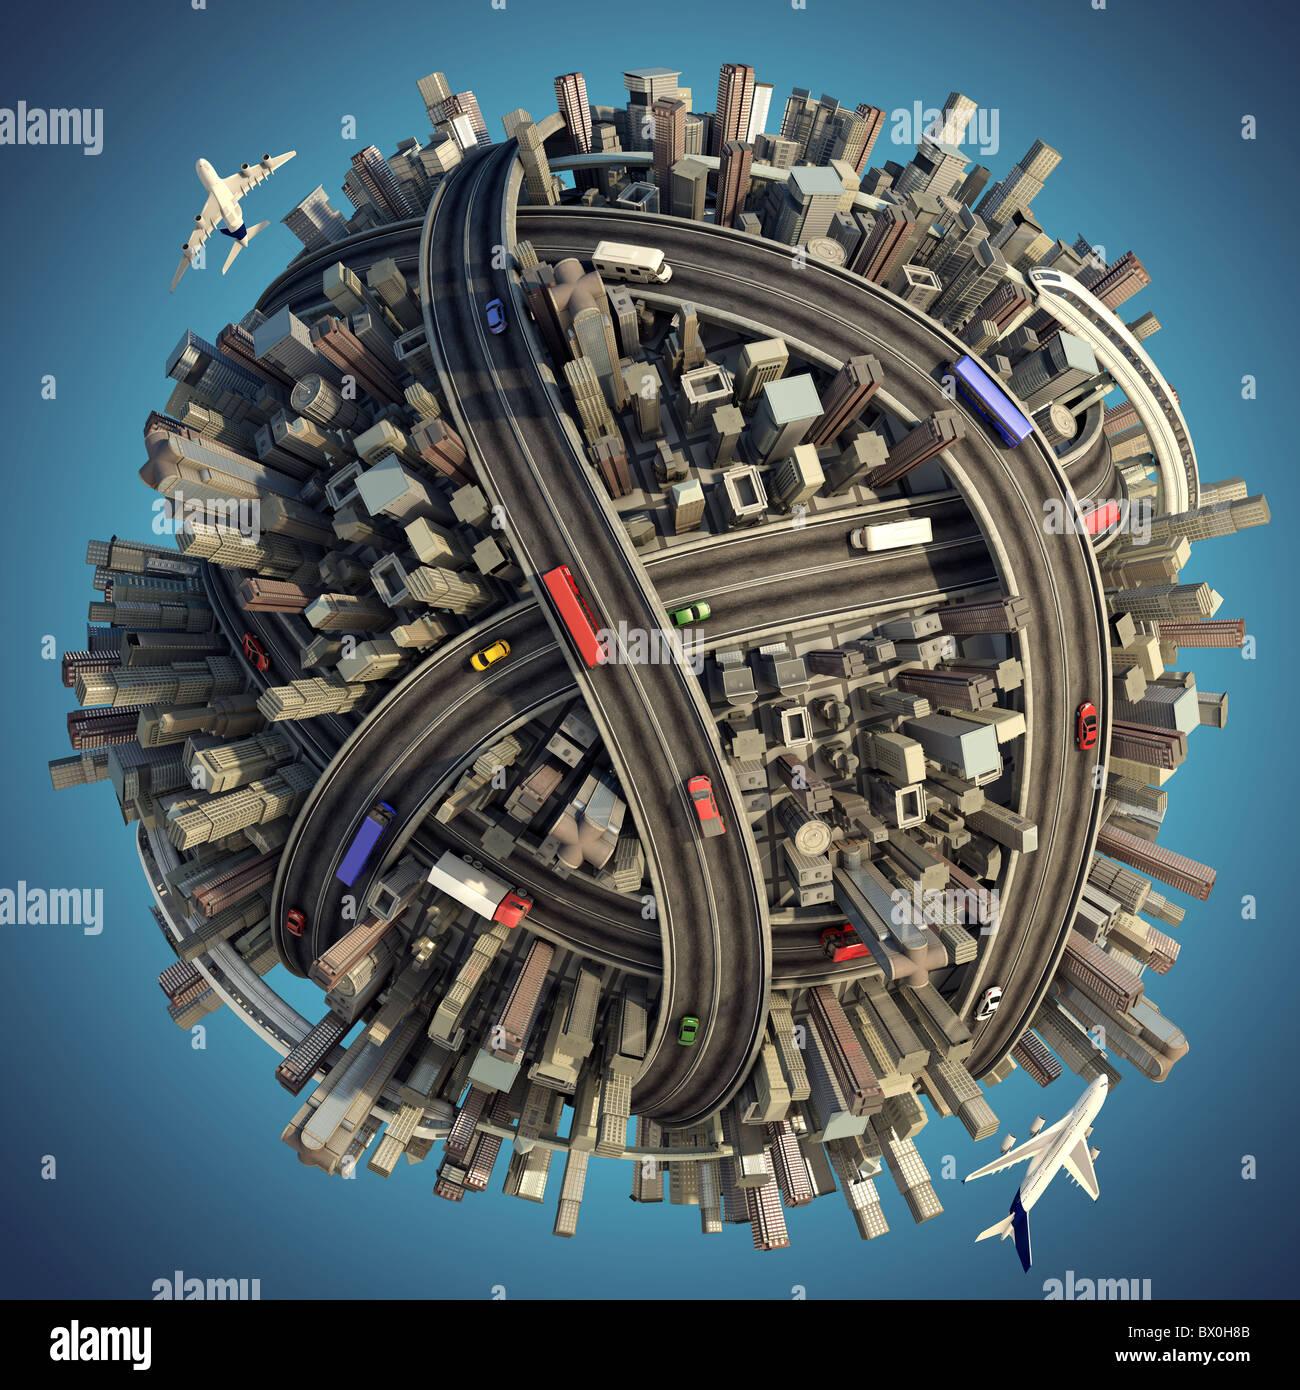 Planète miniature comme concept pour la vie urbaine chaotique isolé avec clipping path Photo Stock